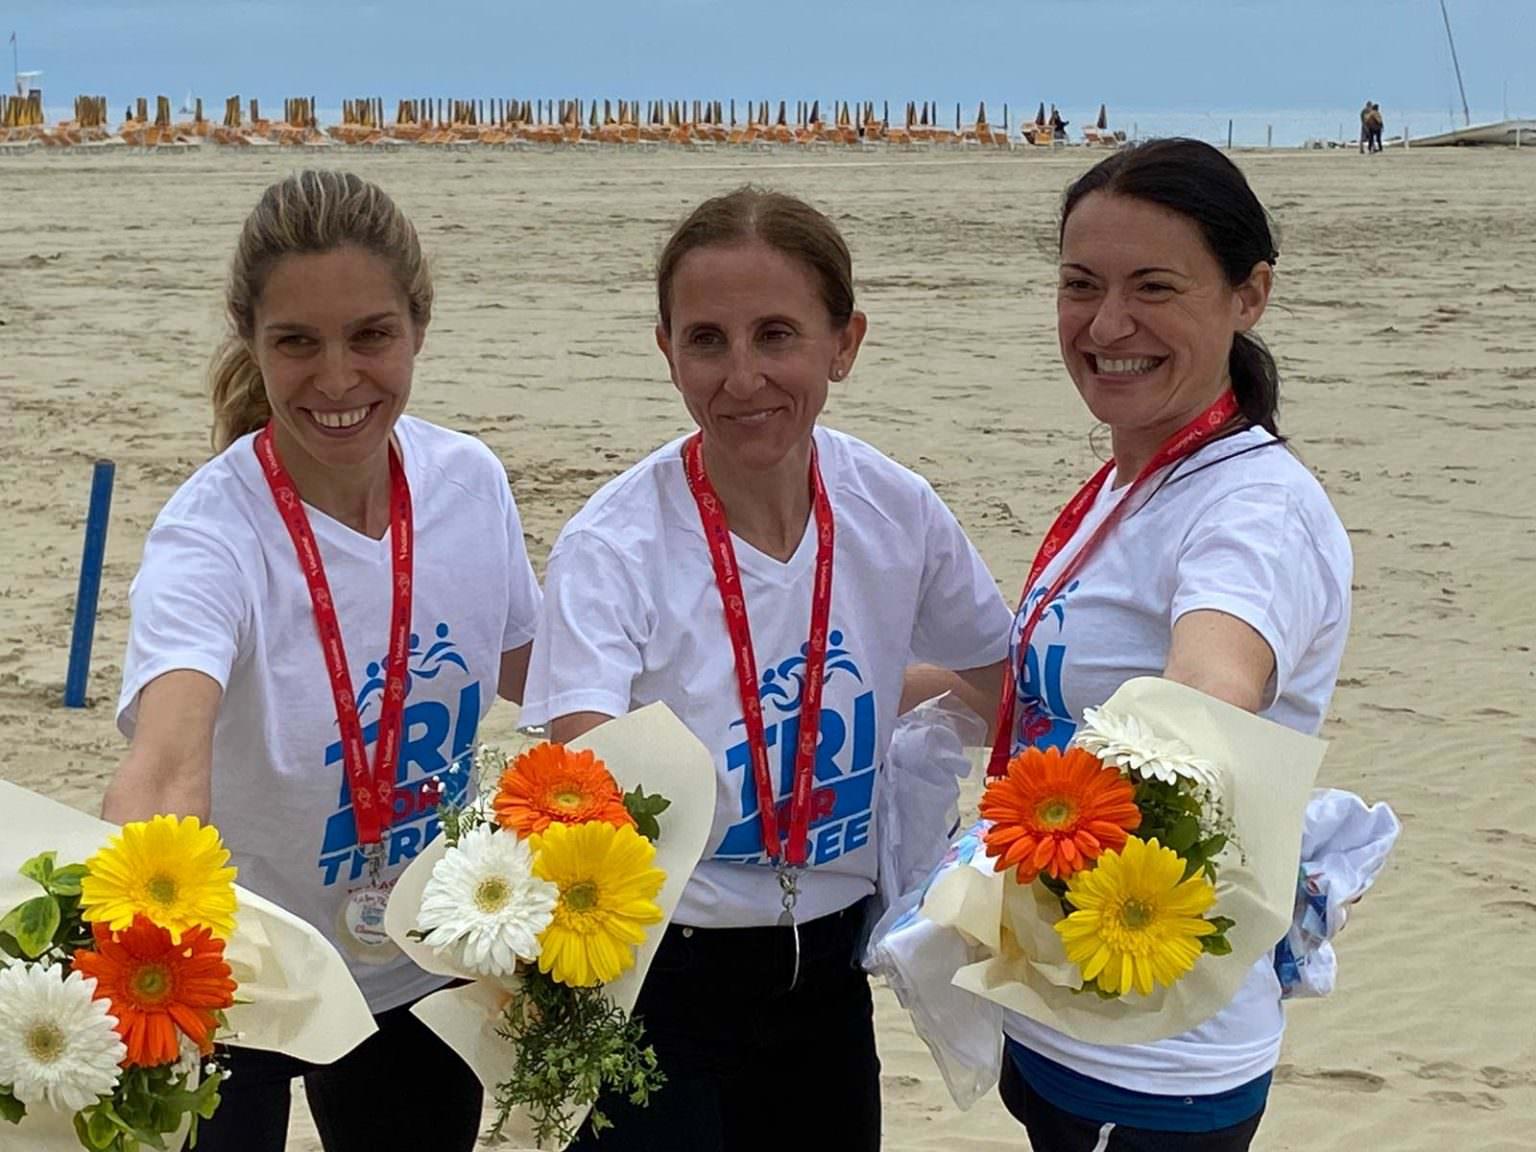 """Di corsa per sostenere """"Insieme a te"""": raccolti oltre 8mila euro per la spiaggia per persone con disabilità [da Ravennawebtv]"""